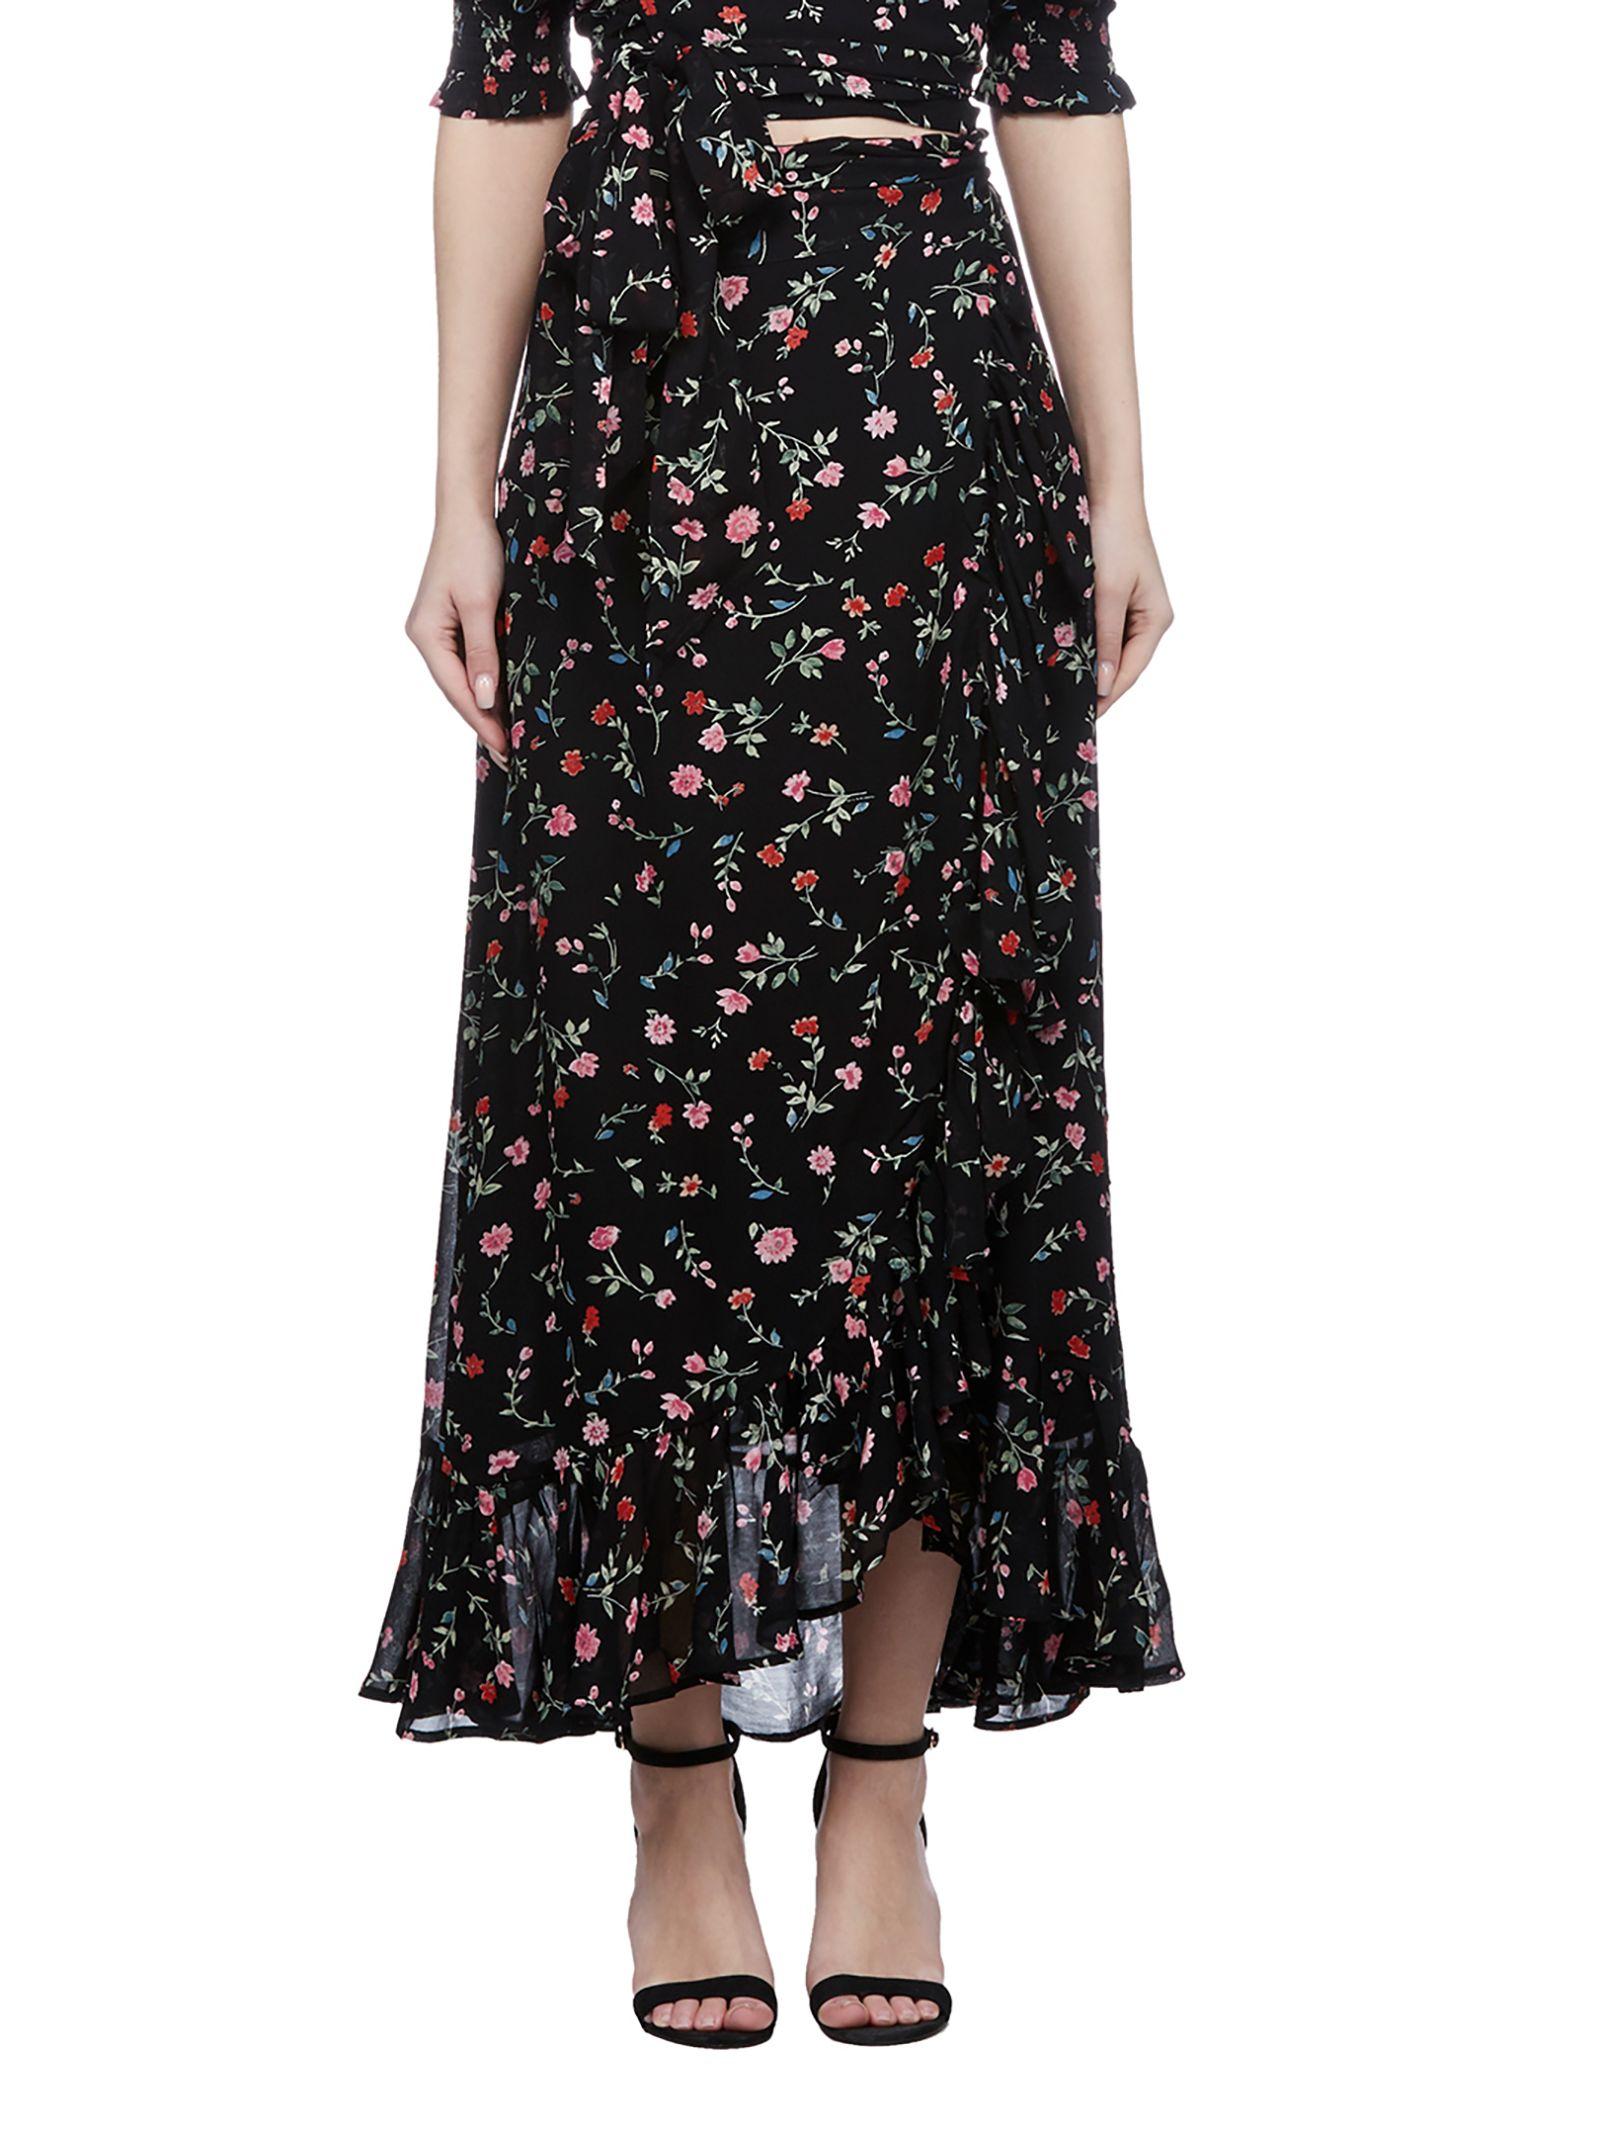 Ganni Floral Print Wrap Skirt